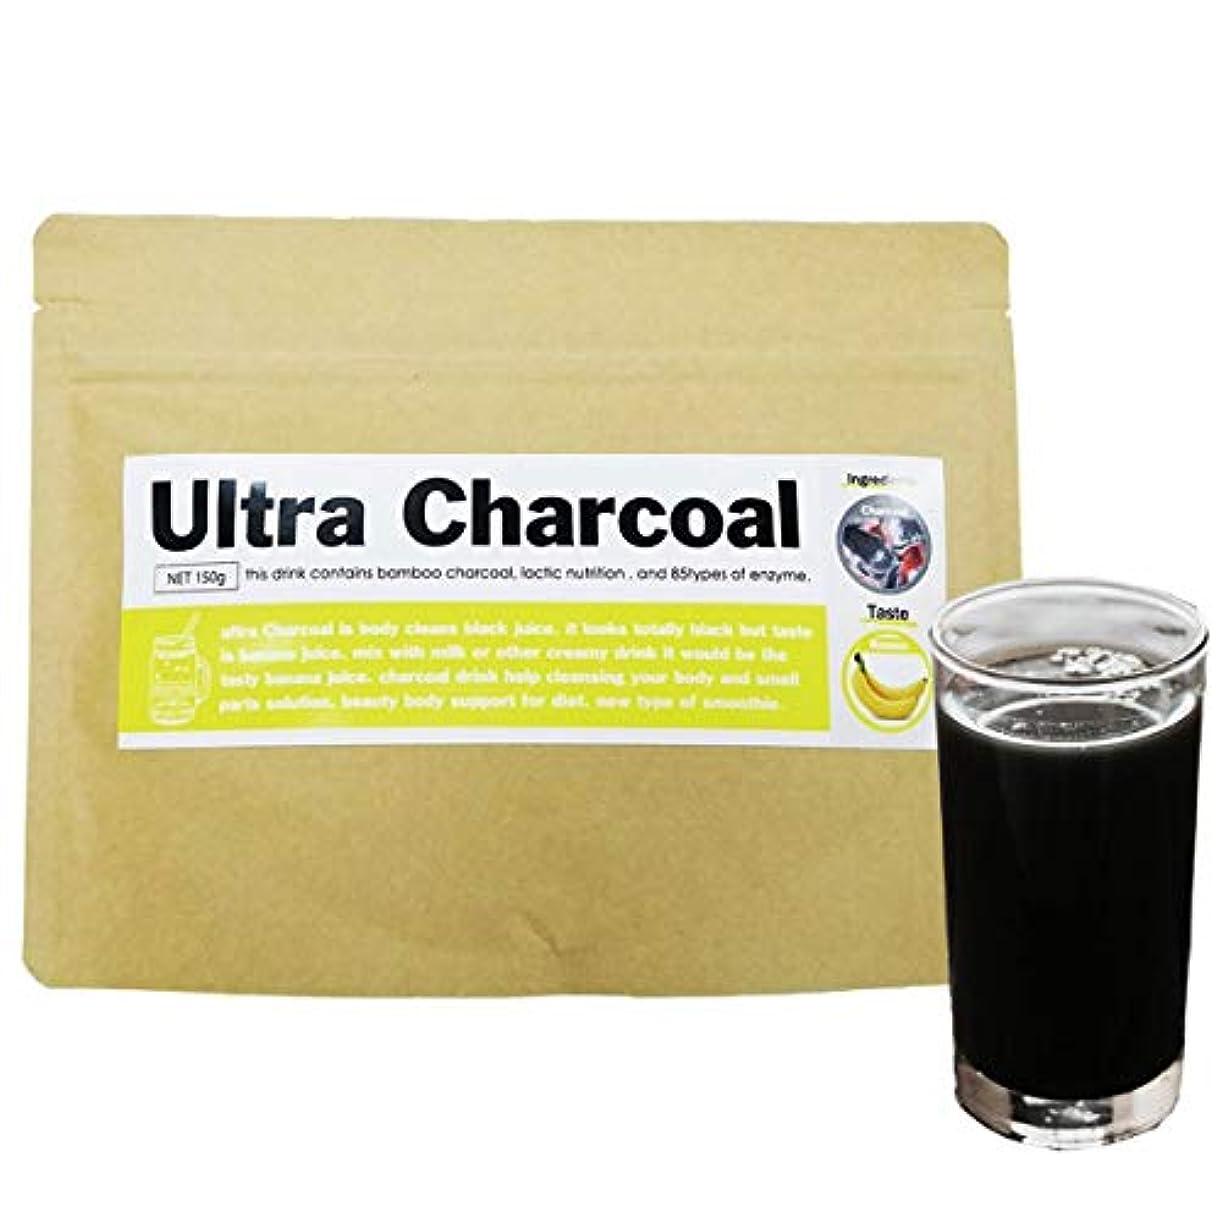 辛い反響する血色の良いウルトラチャコール 飲む炭 ダイエットドリンク 活性炭 竹炭 備長炭入り 150g バナナ味